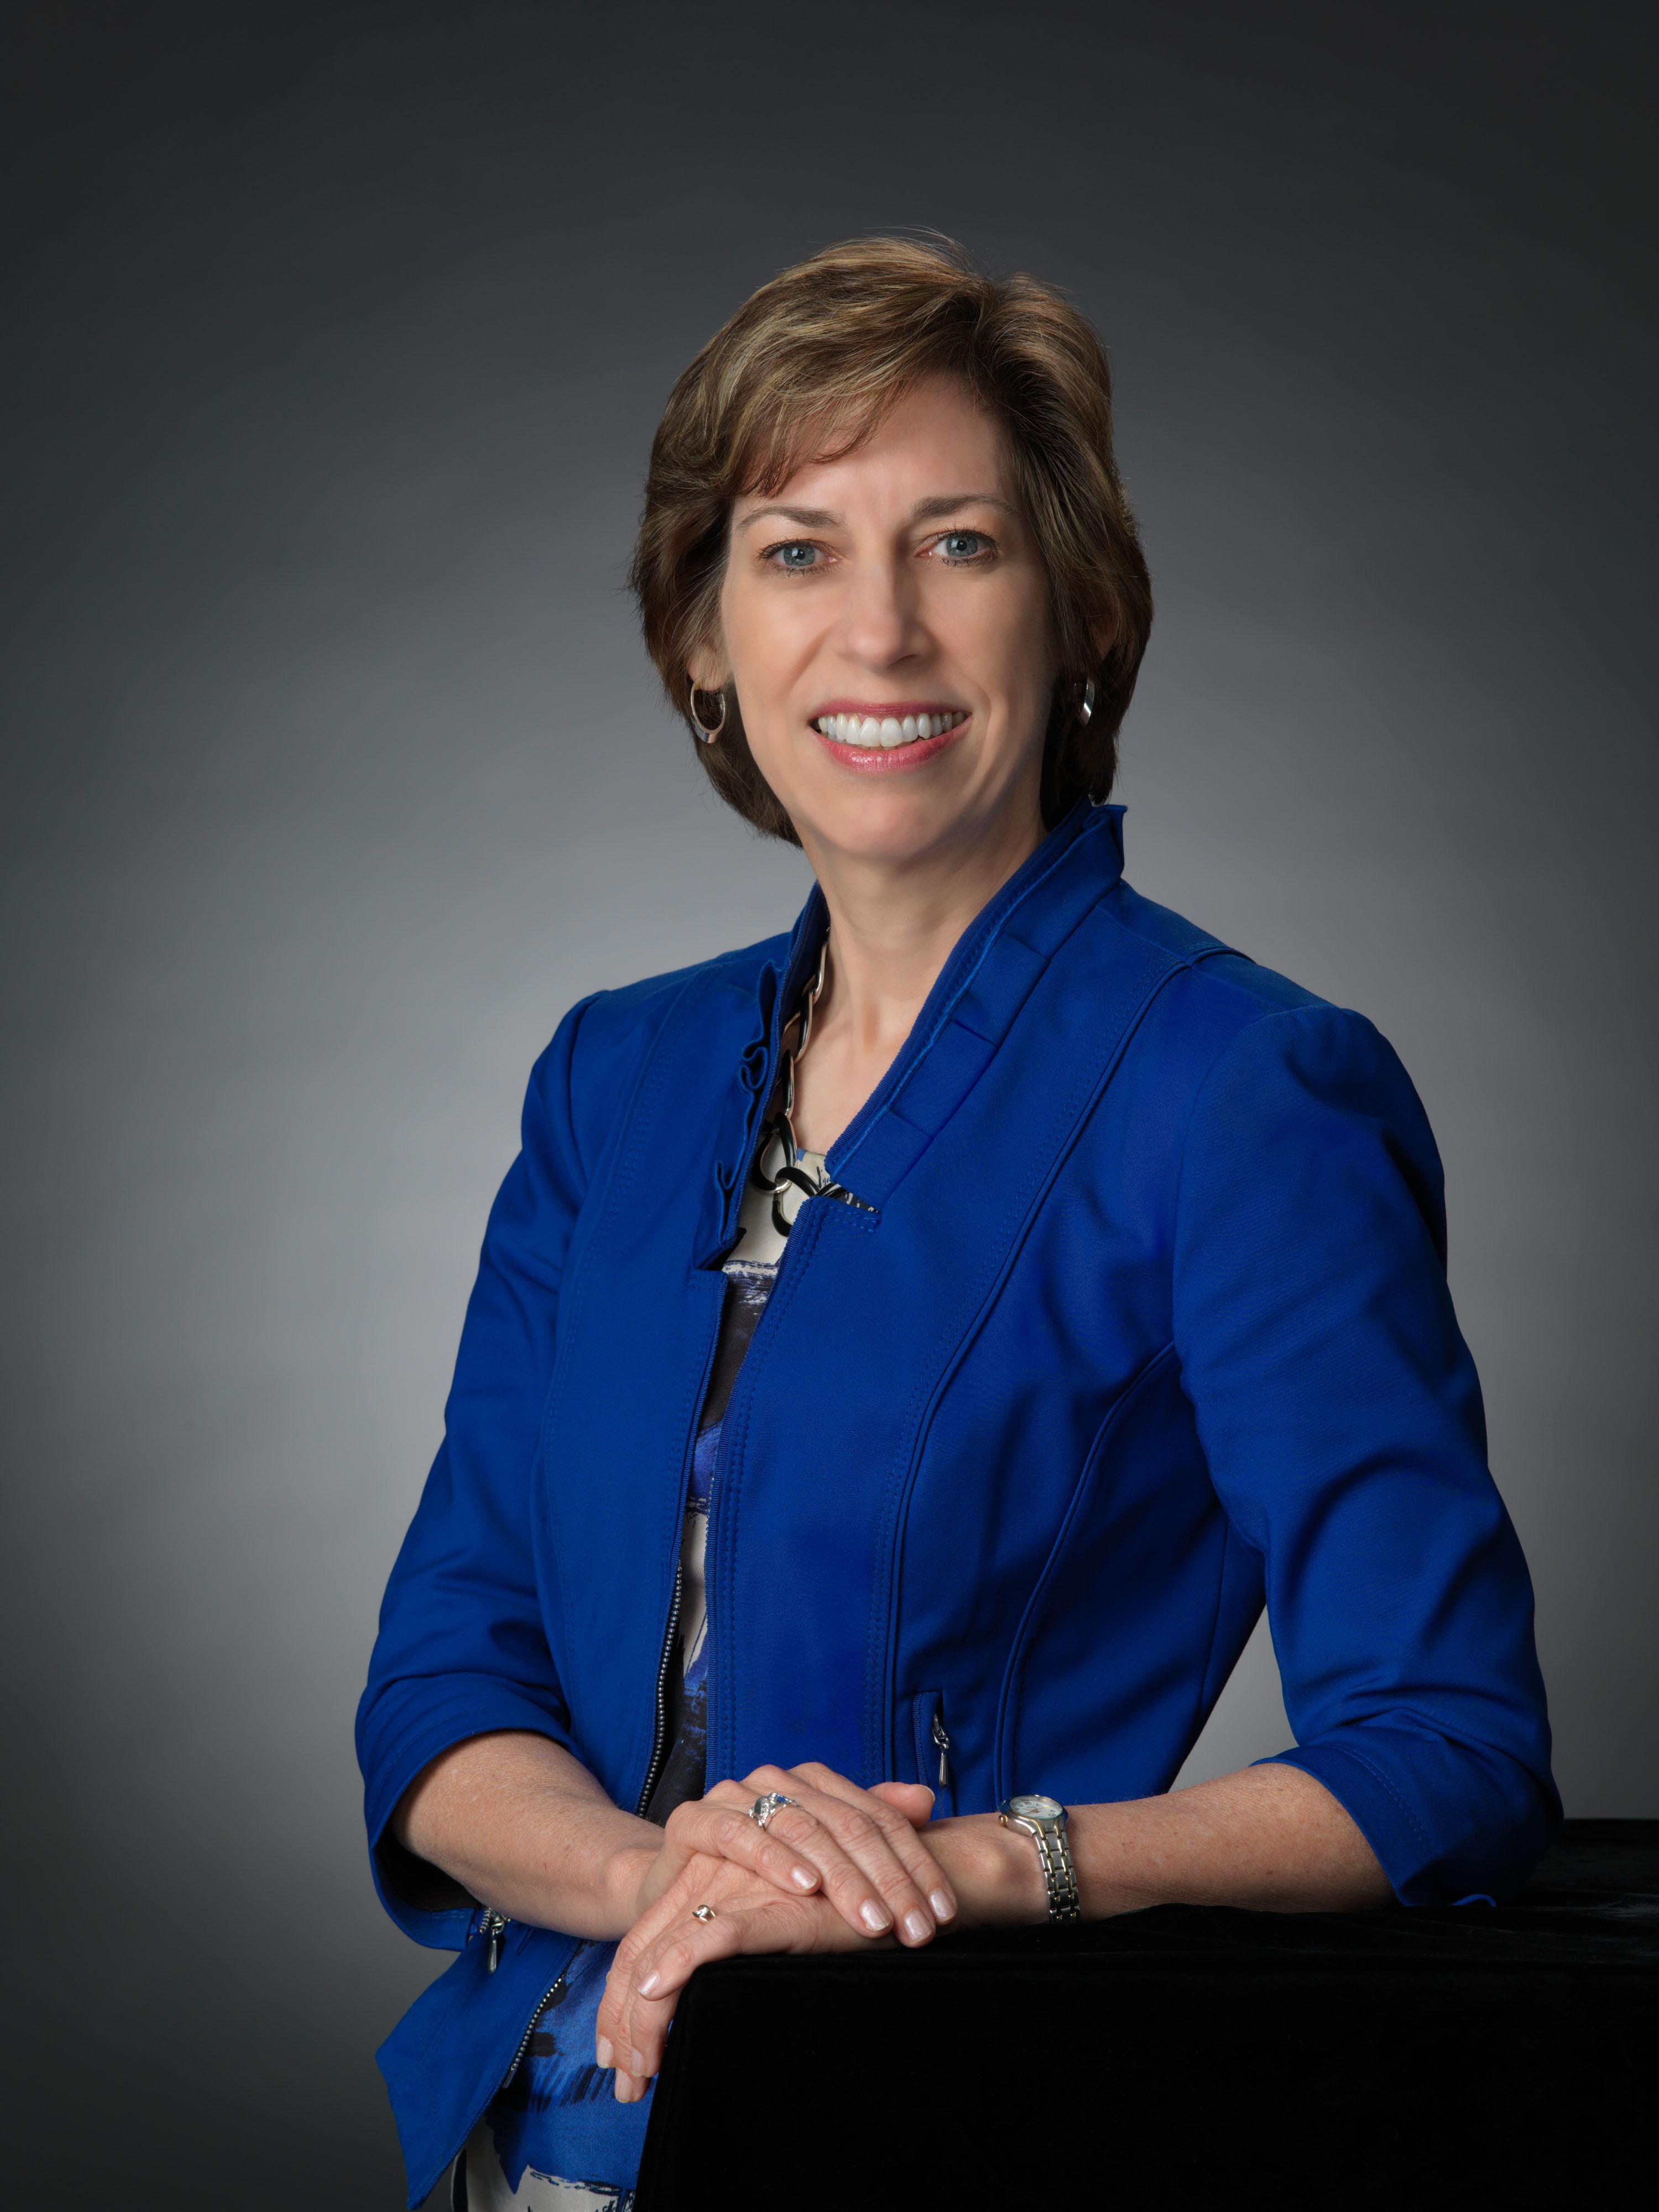 Nasa federal credit union security center - Director Of Nasa S Johnson Space Center Dr Ellen Ochoa